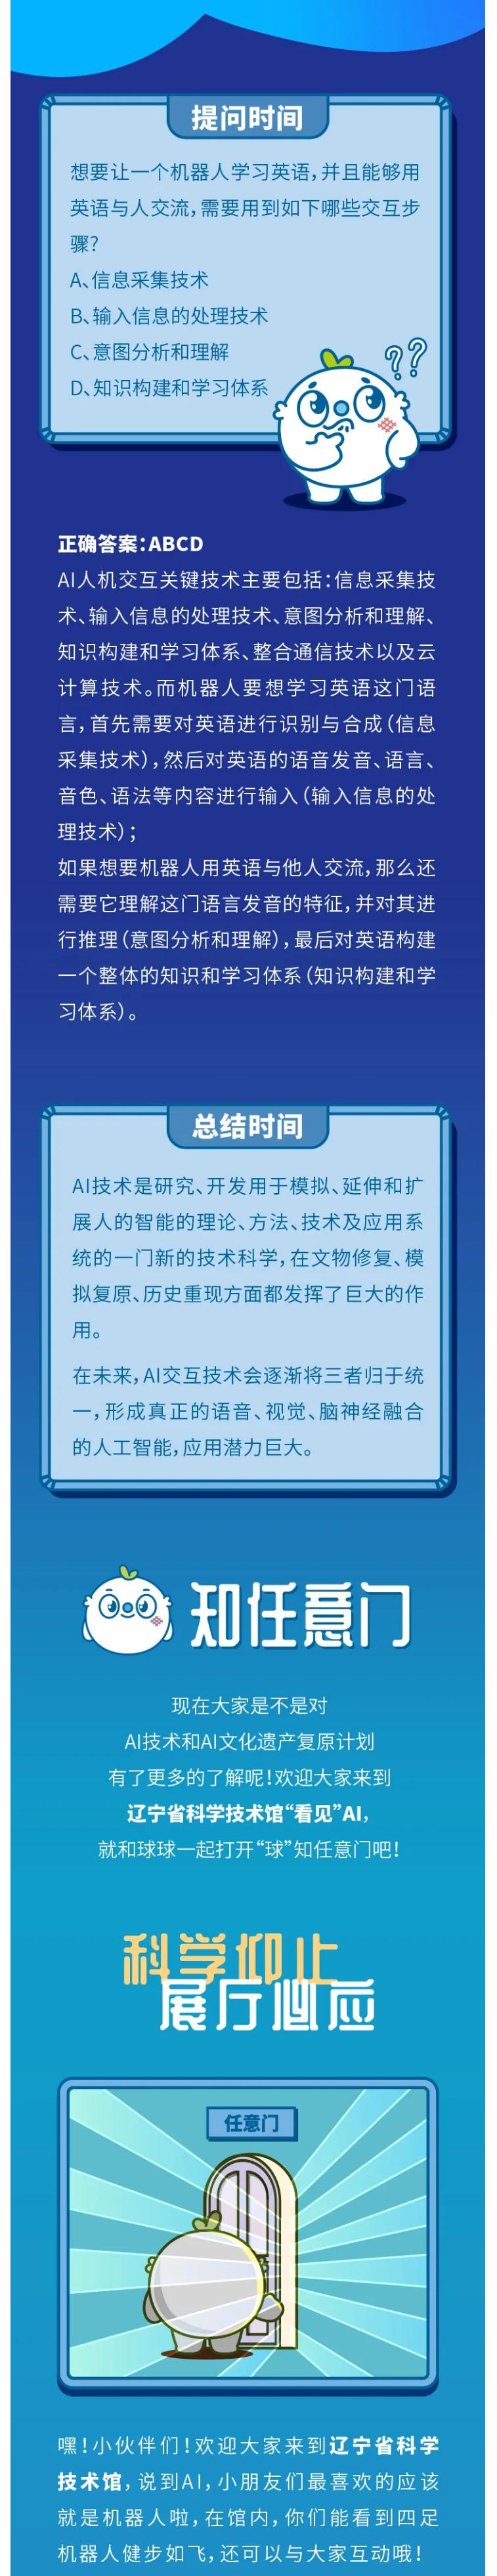 火狐截图_2021-09-03T03-47-14.816Z.png